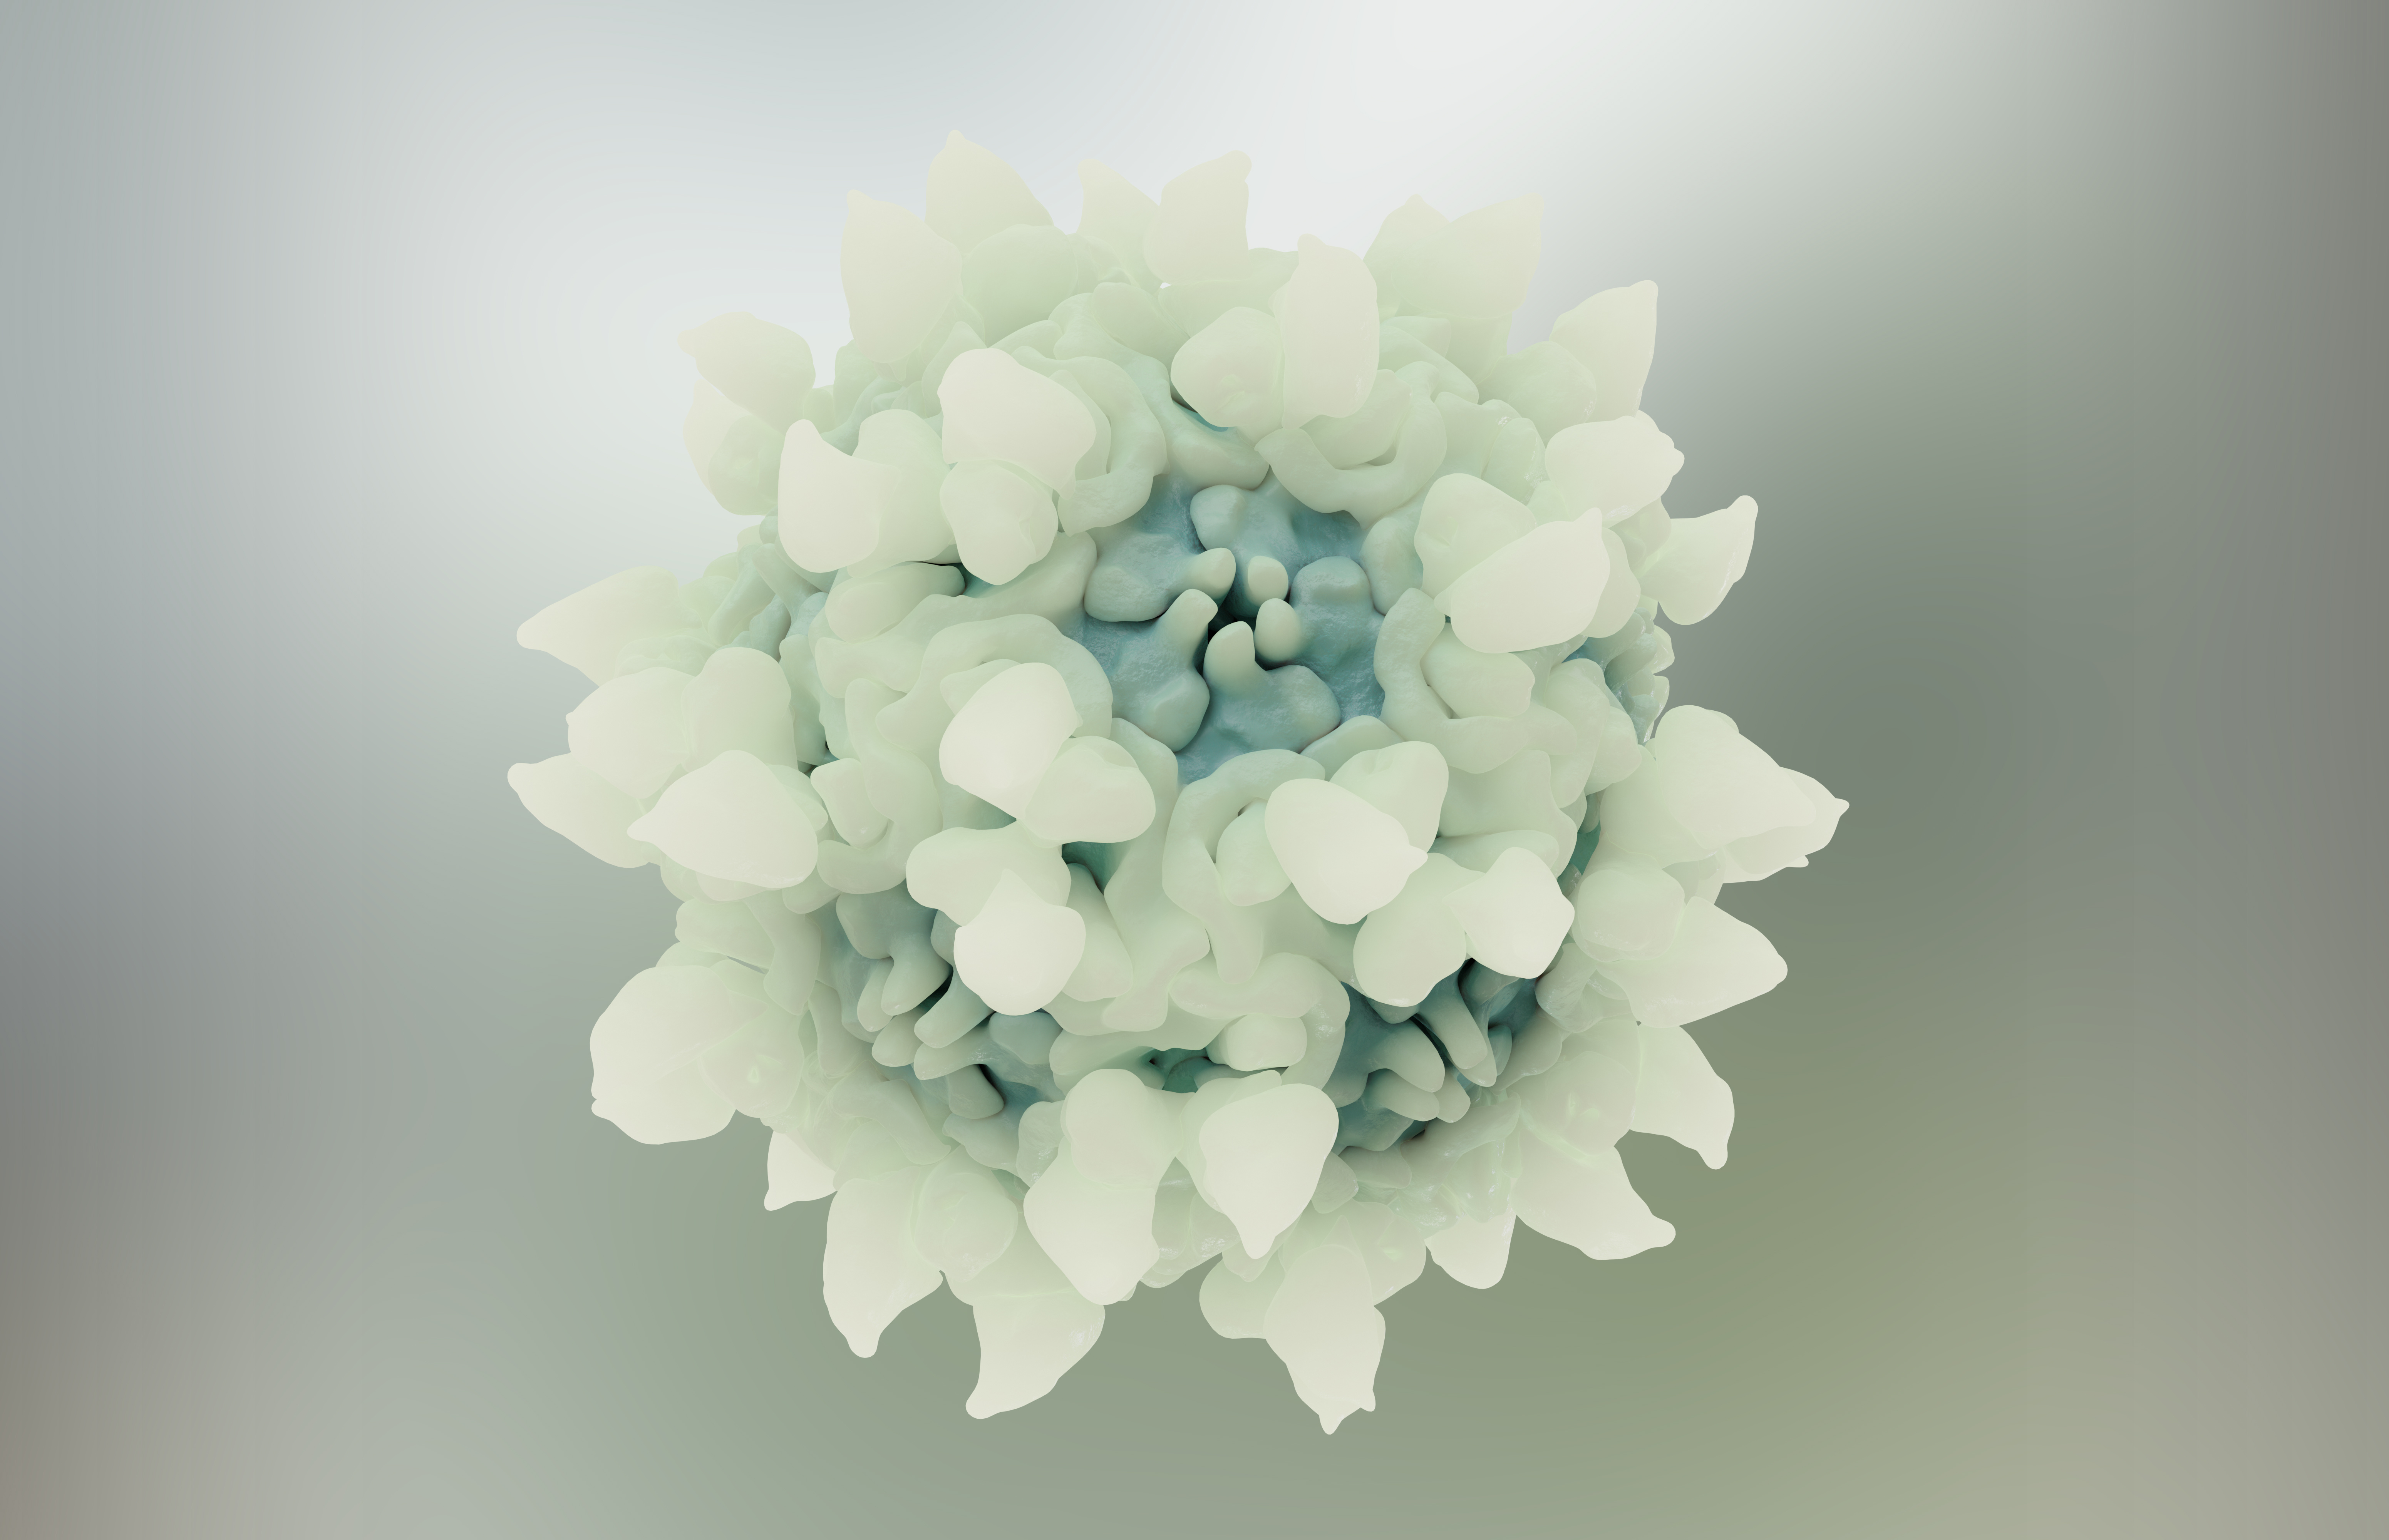 Comprendre la manière dont les virus pénètrent dans les cellules puis parviennent à libérer leur ADN dans le noyau de la cellule hôte pour se répliquer (Visuel Adobe Stock 357561442: illustration d'un parvovirus)